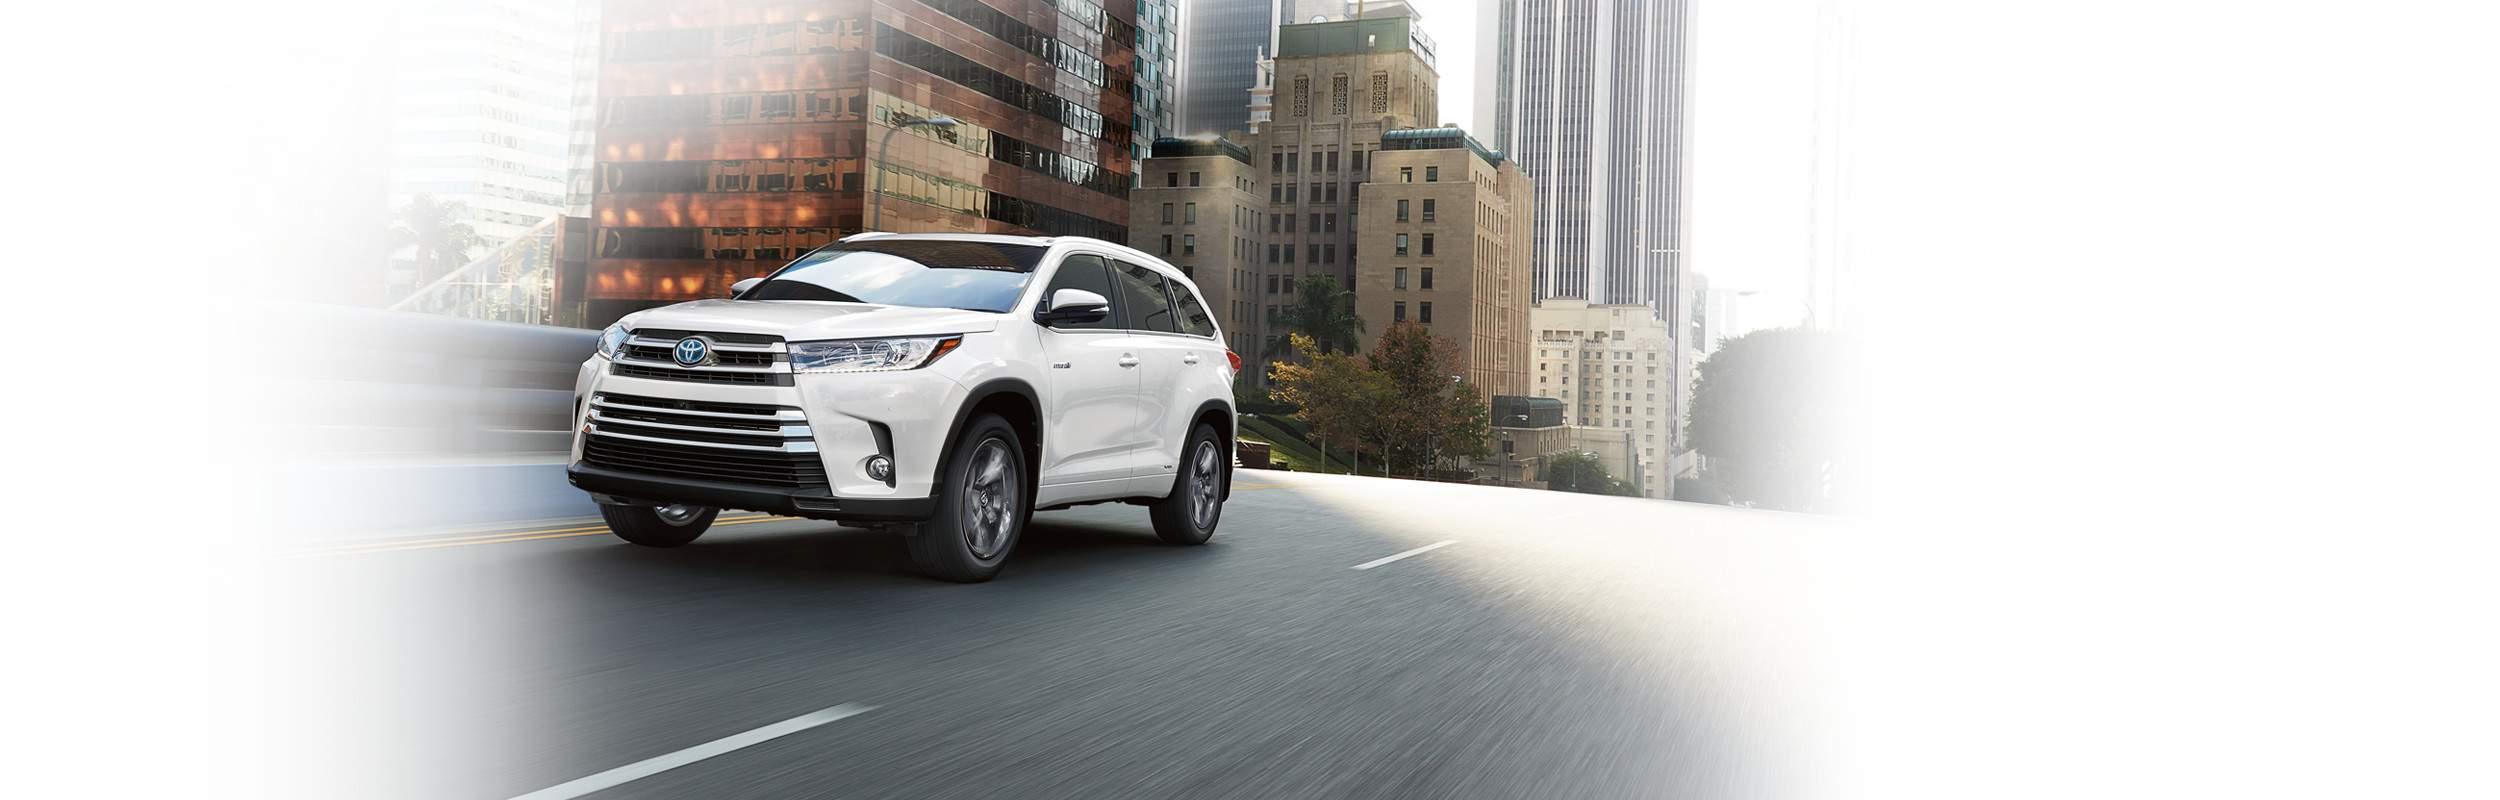 reviews toyota suv review car hybrid